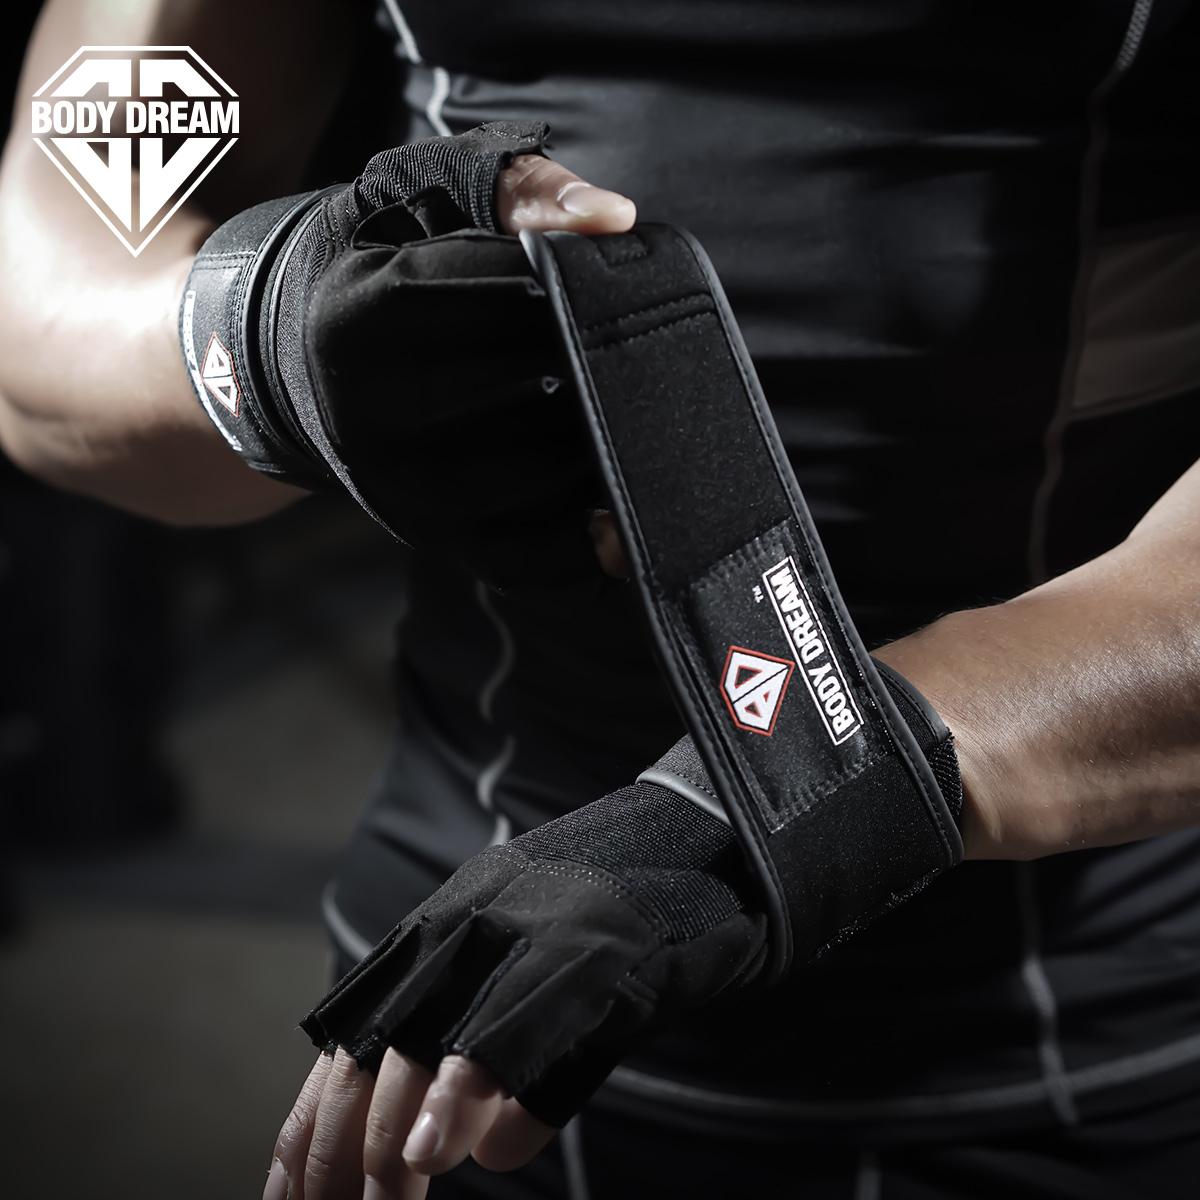 BodyDream люди половина пальца фитнес перчатки движение защитное снаряжение запястье сильный и красивый тяжелая атлетика гантель скольжение